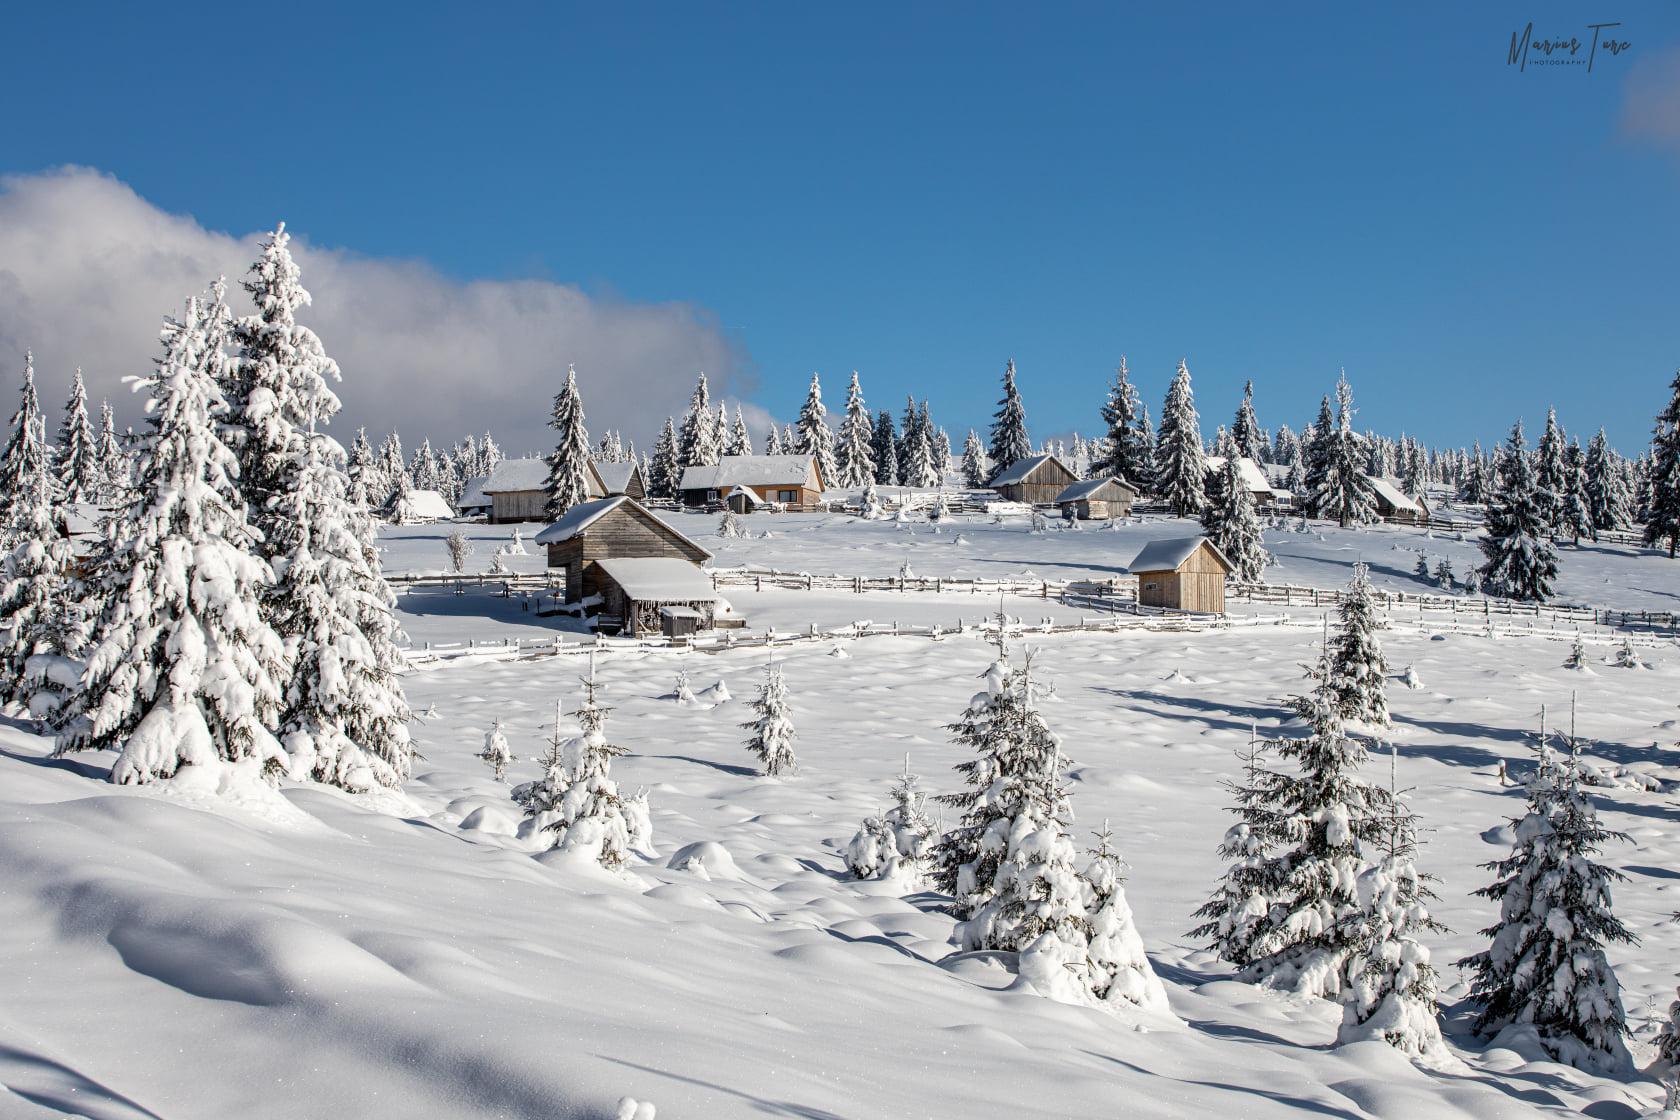 Iarna pe dealurile motilor - Marius Turc